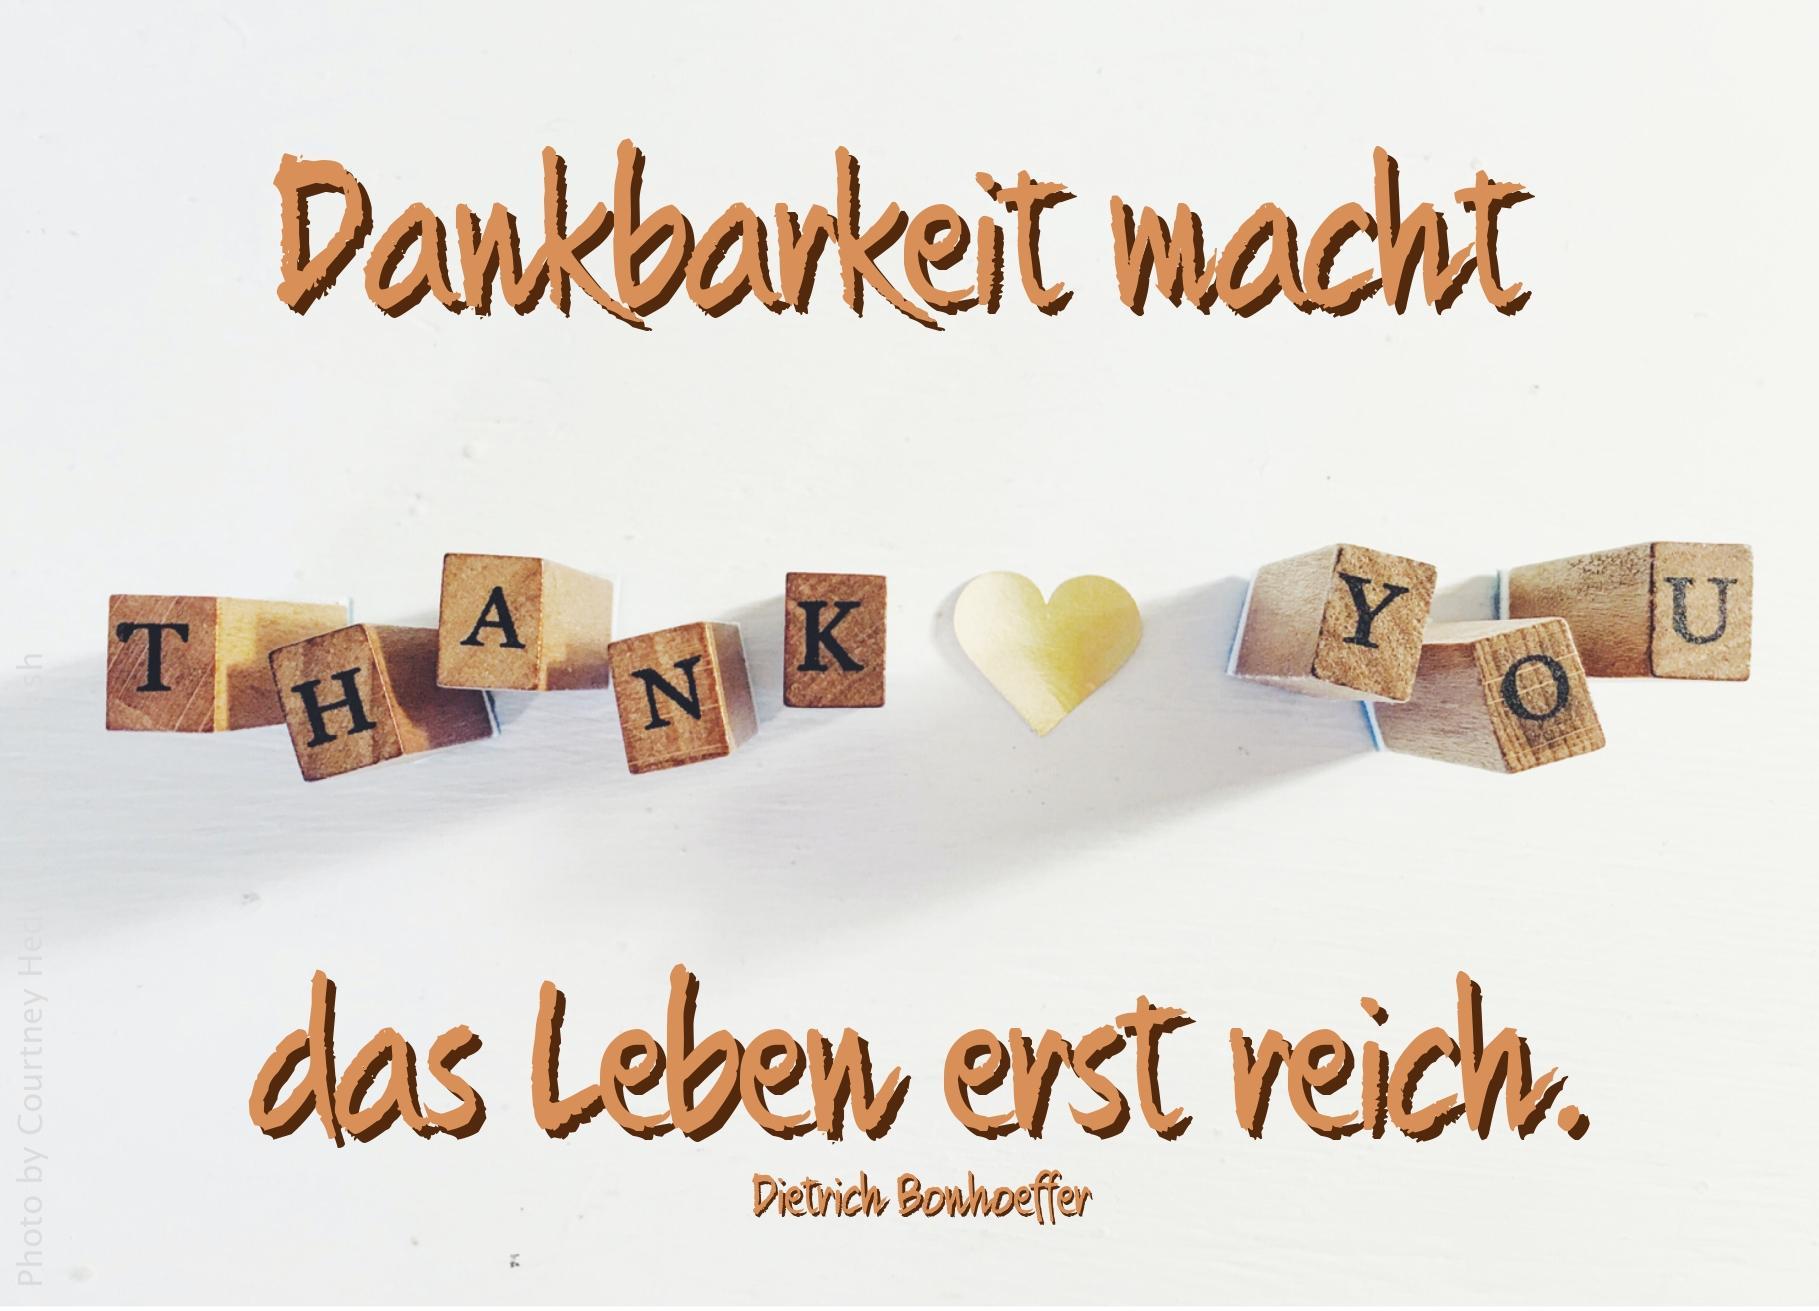 Buchstabenwürfel bilden Thank You